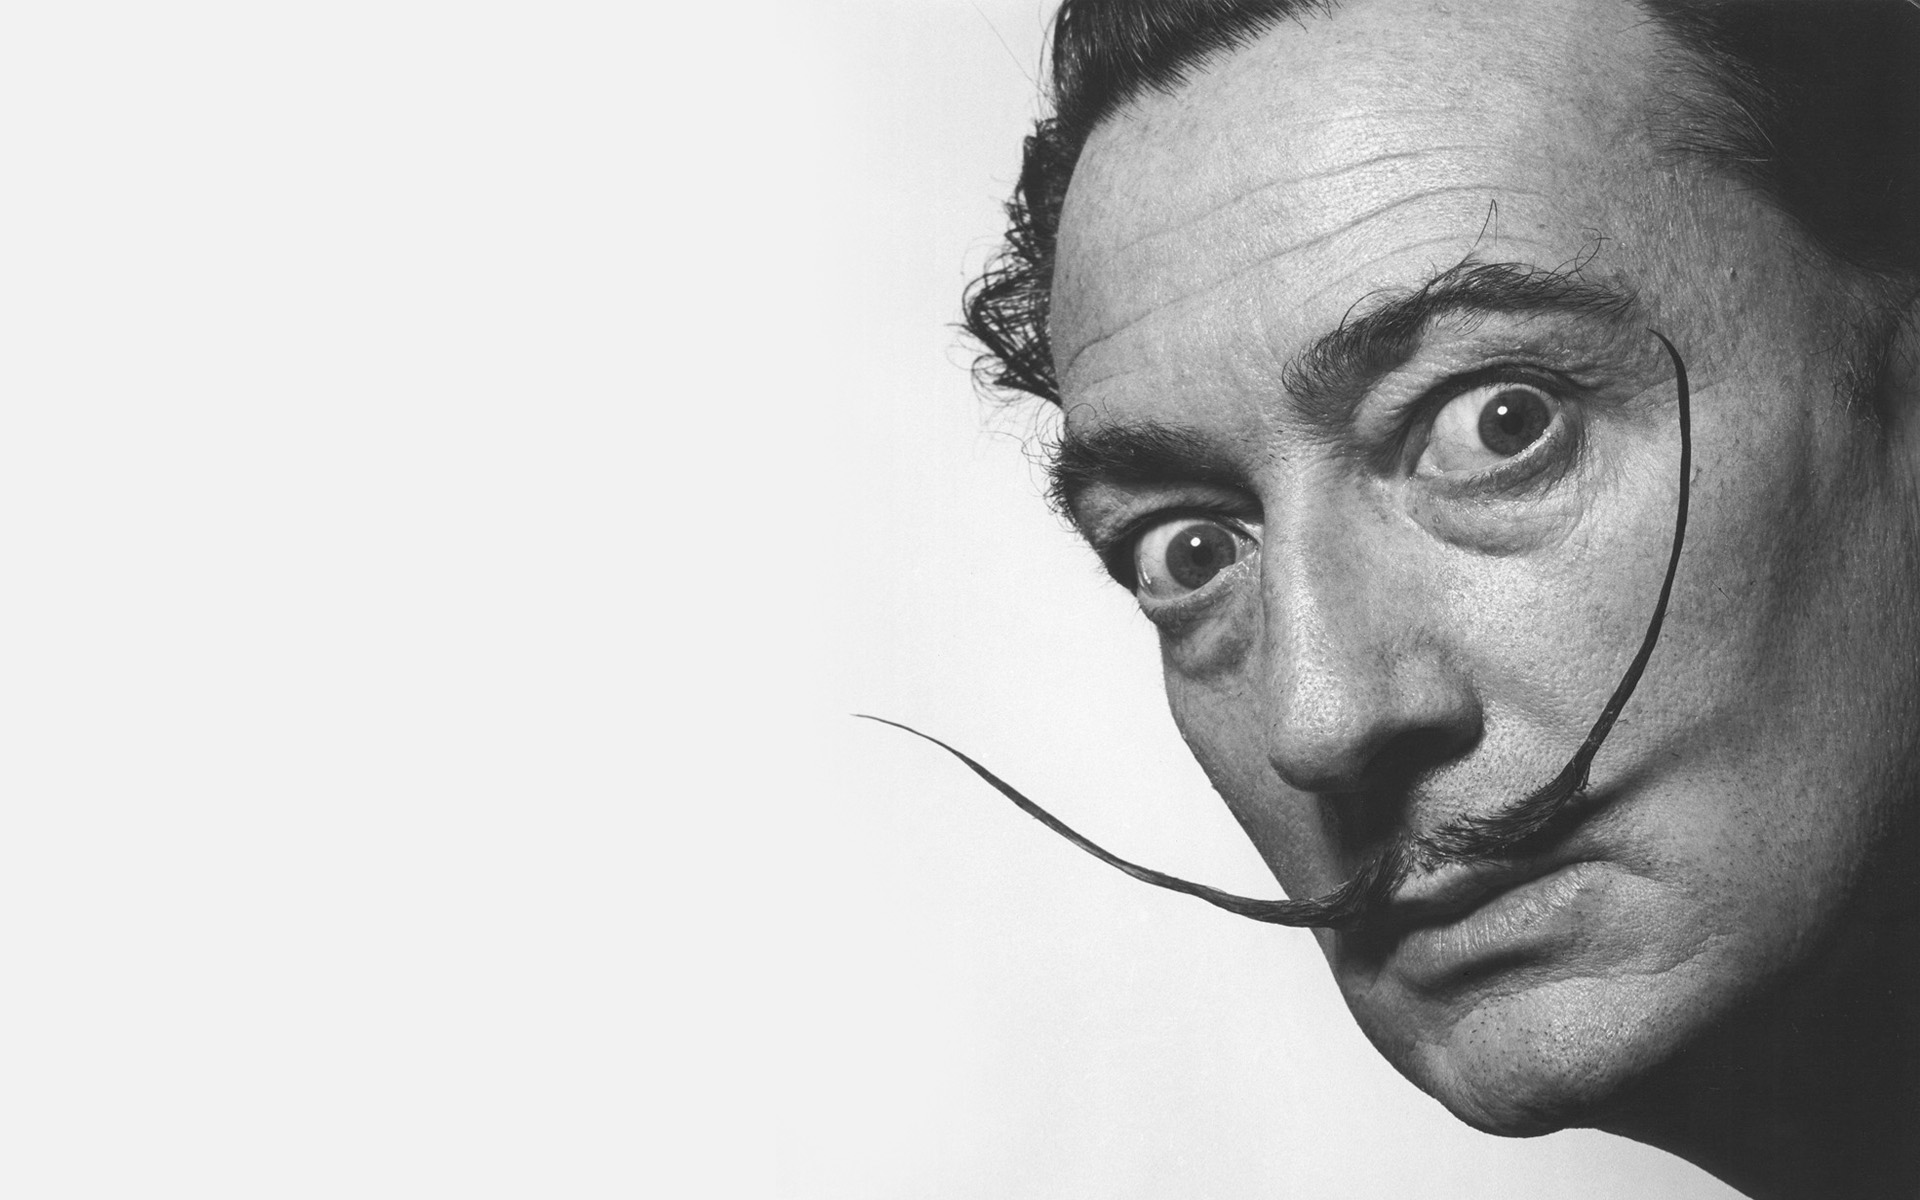 Dalí and Barcelona